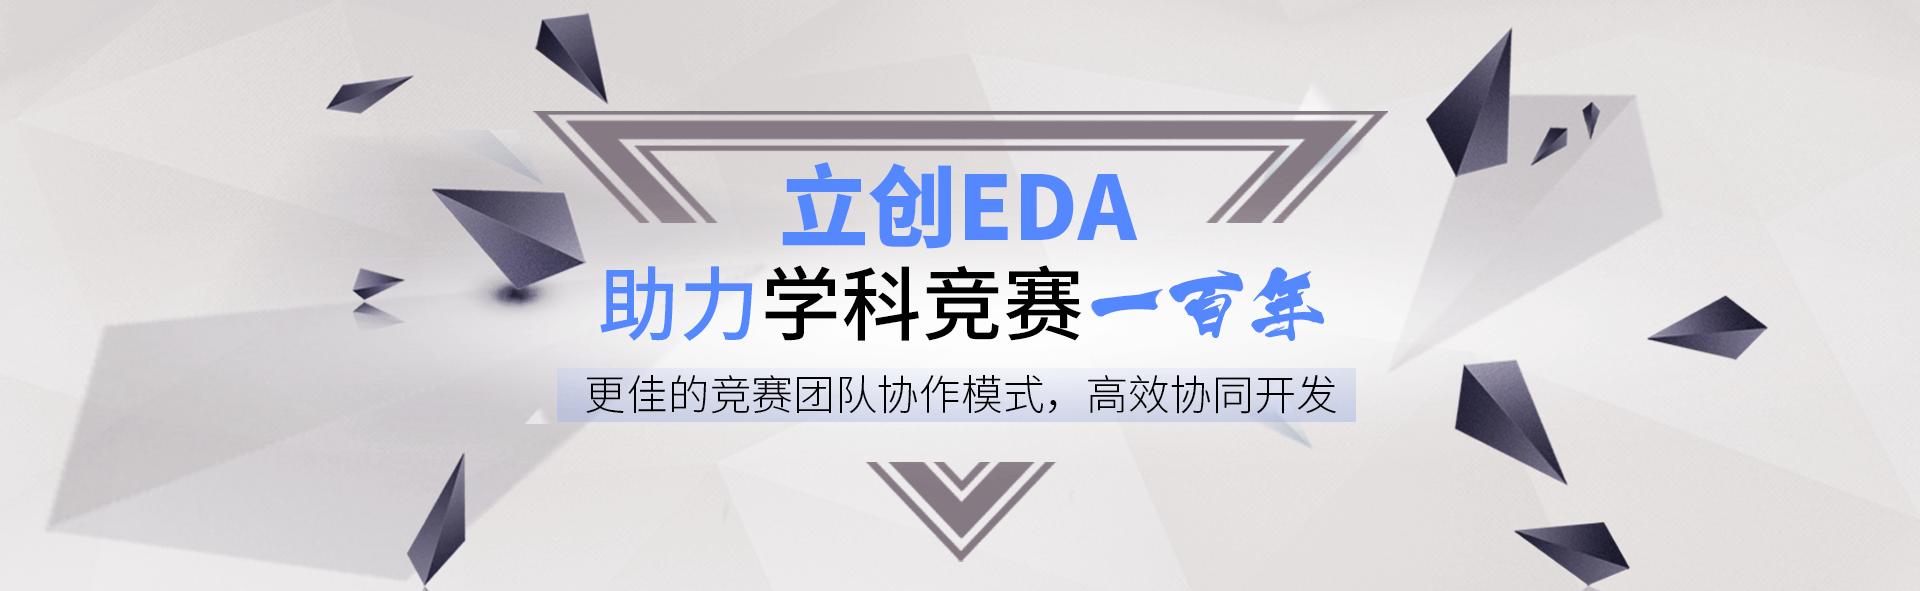 【展示页】助力电赛100年